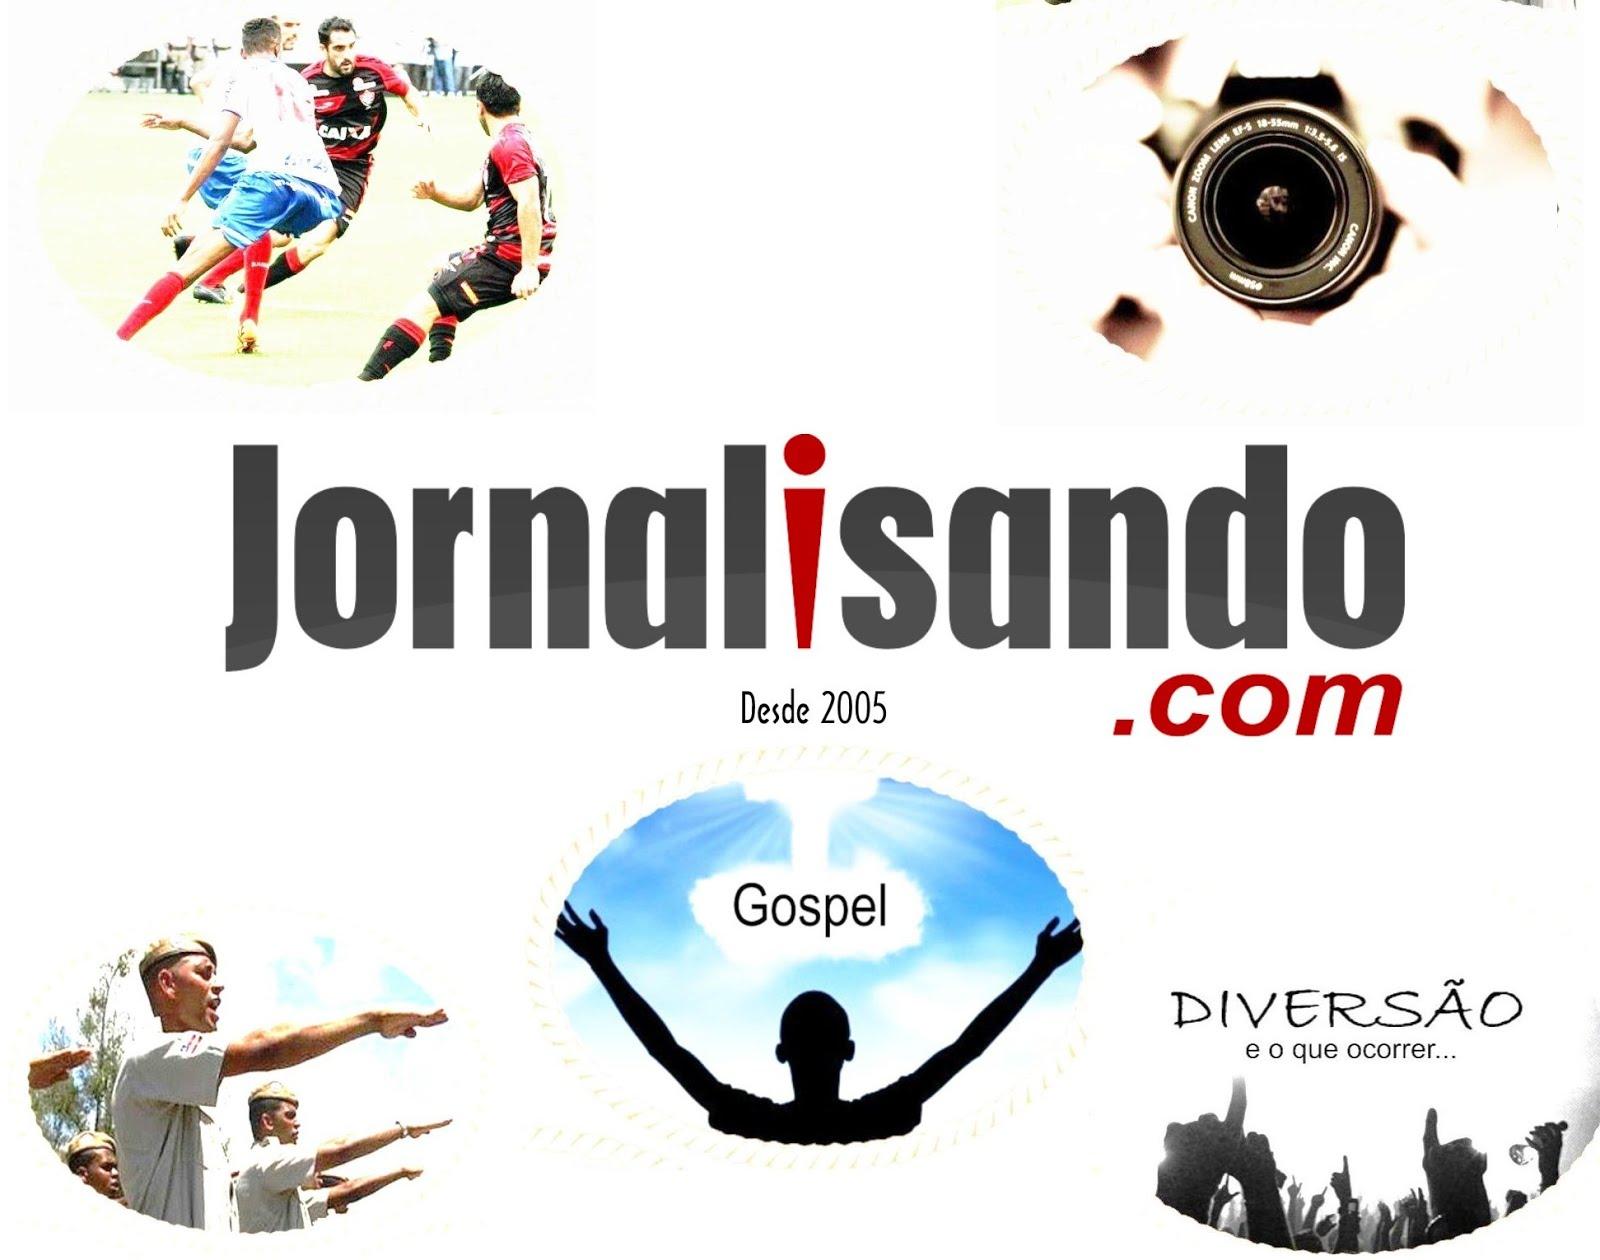 Jornalisando.com